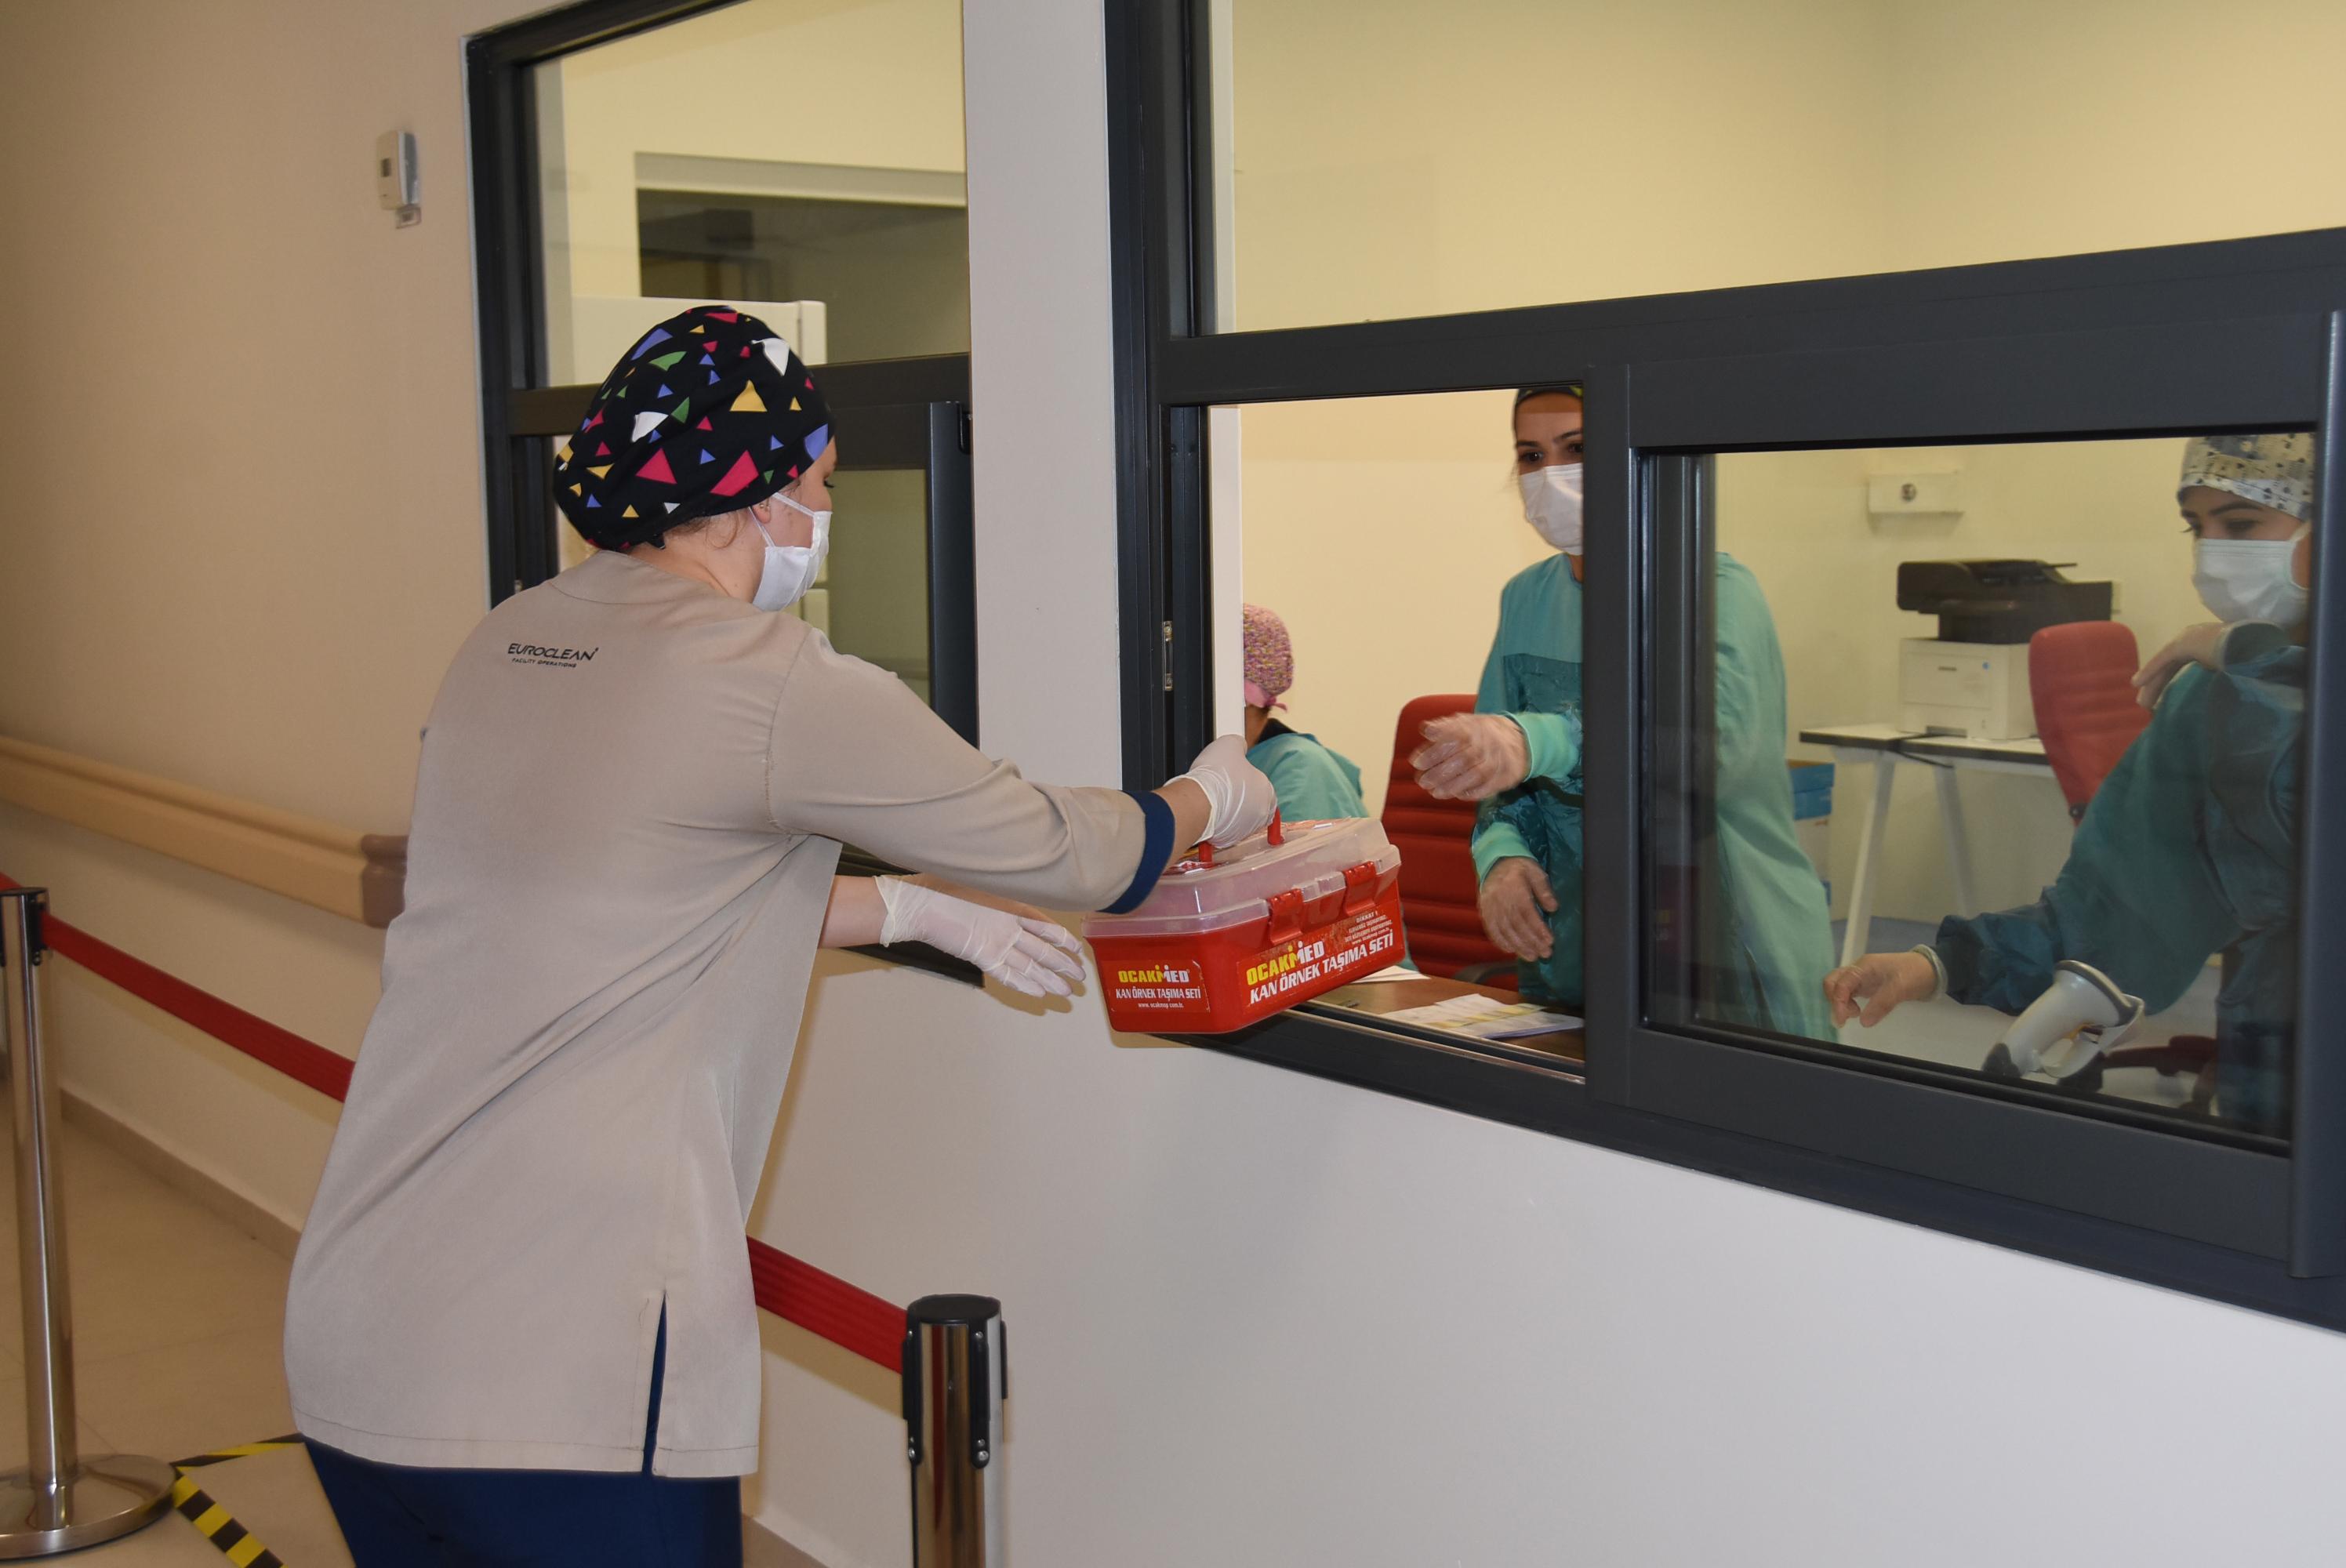 Eskişehir'de Onlarca Kişinin PCR Testleri Karıştı! Valilik Devreye Girdi...